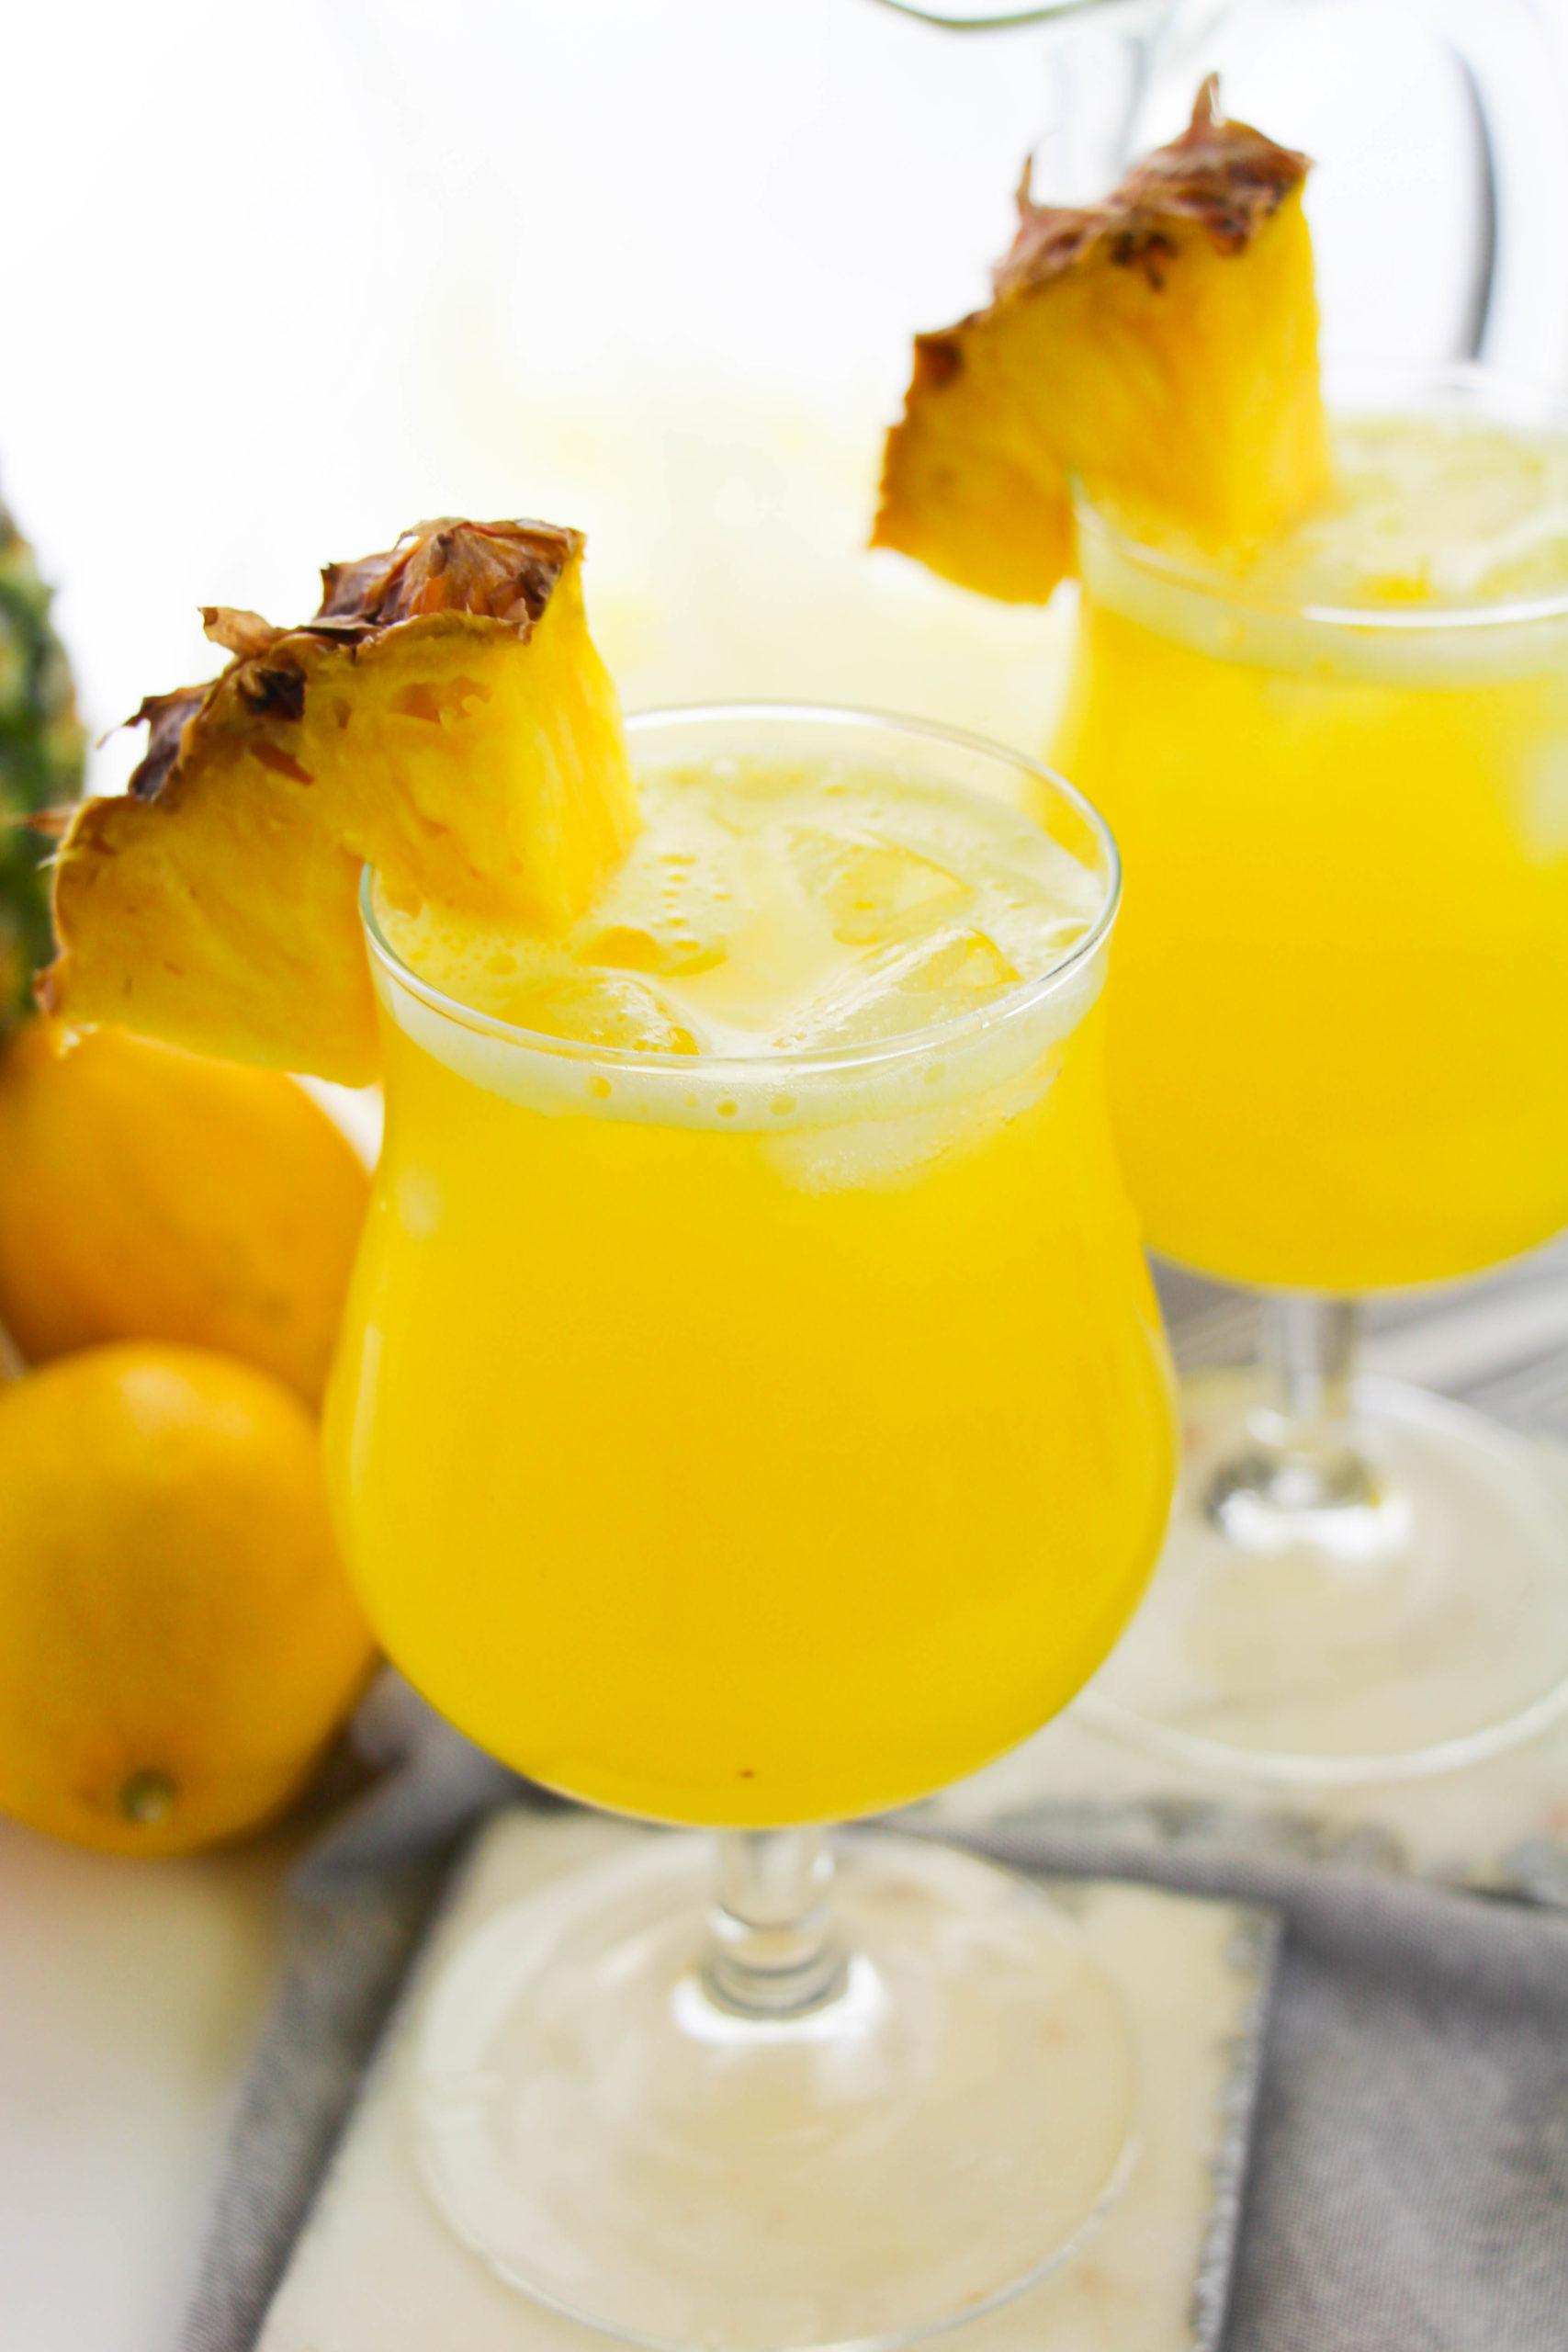 Side view of pineapple lemonade.